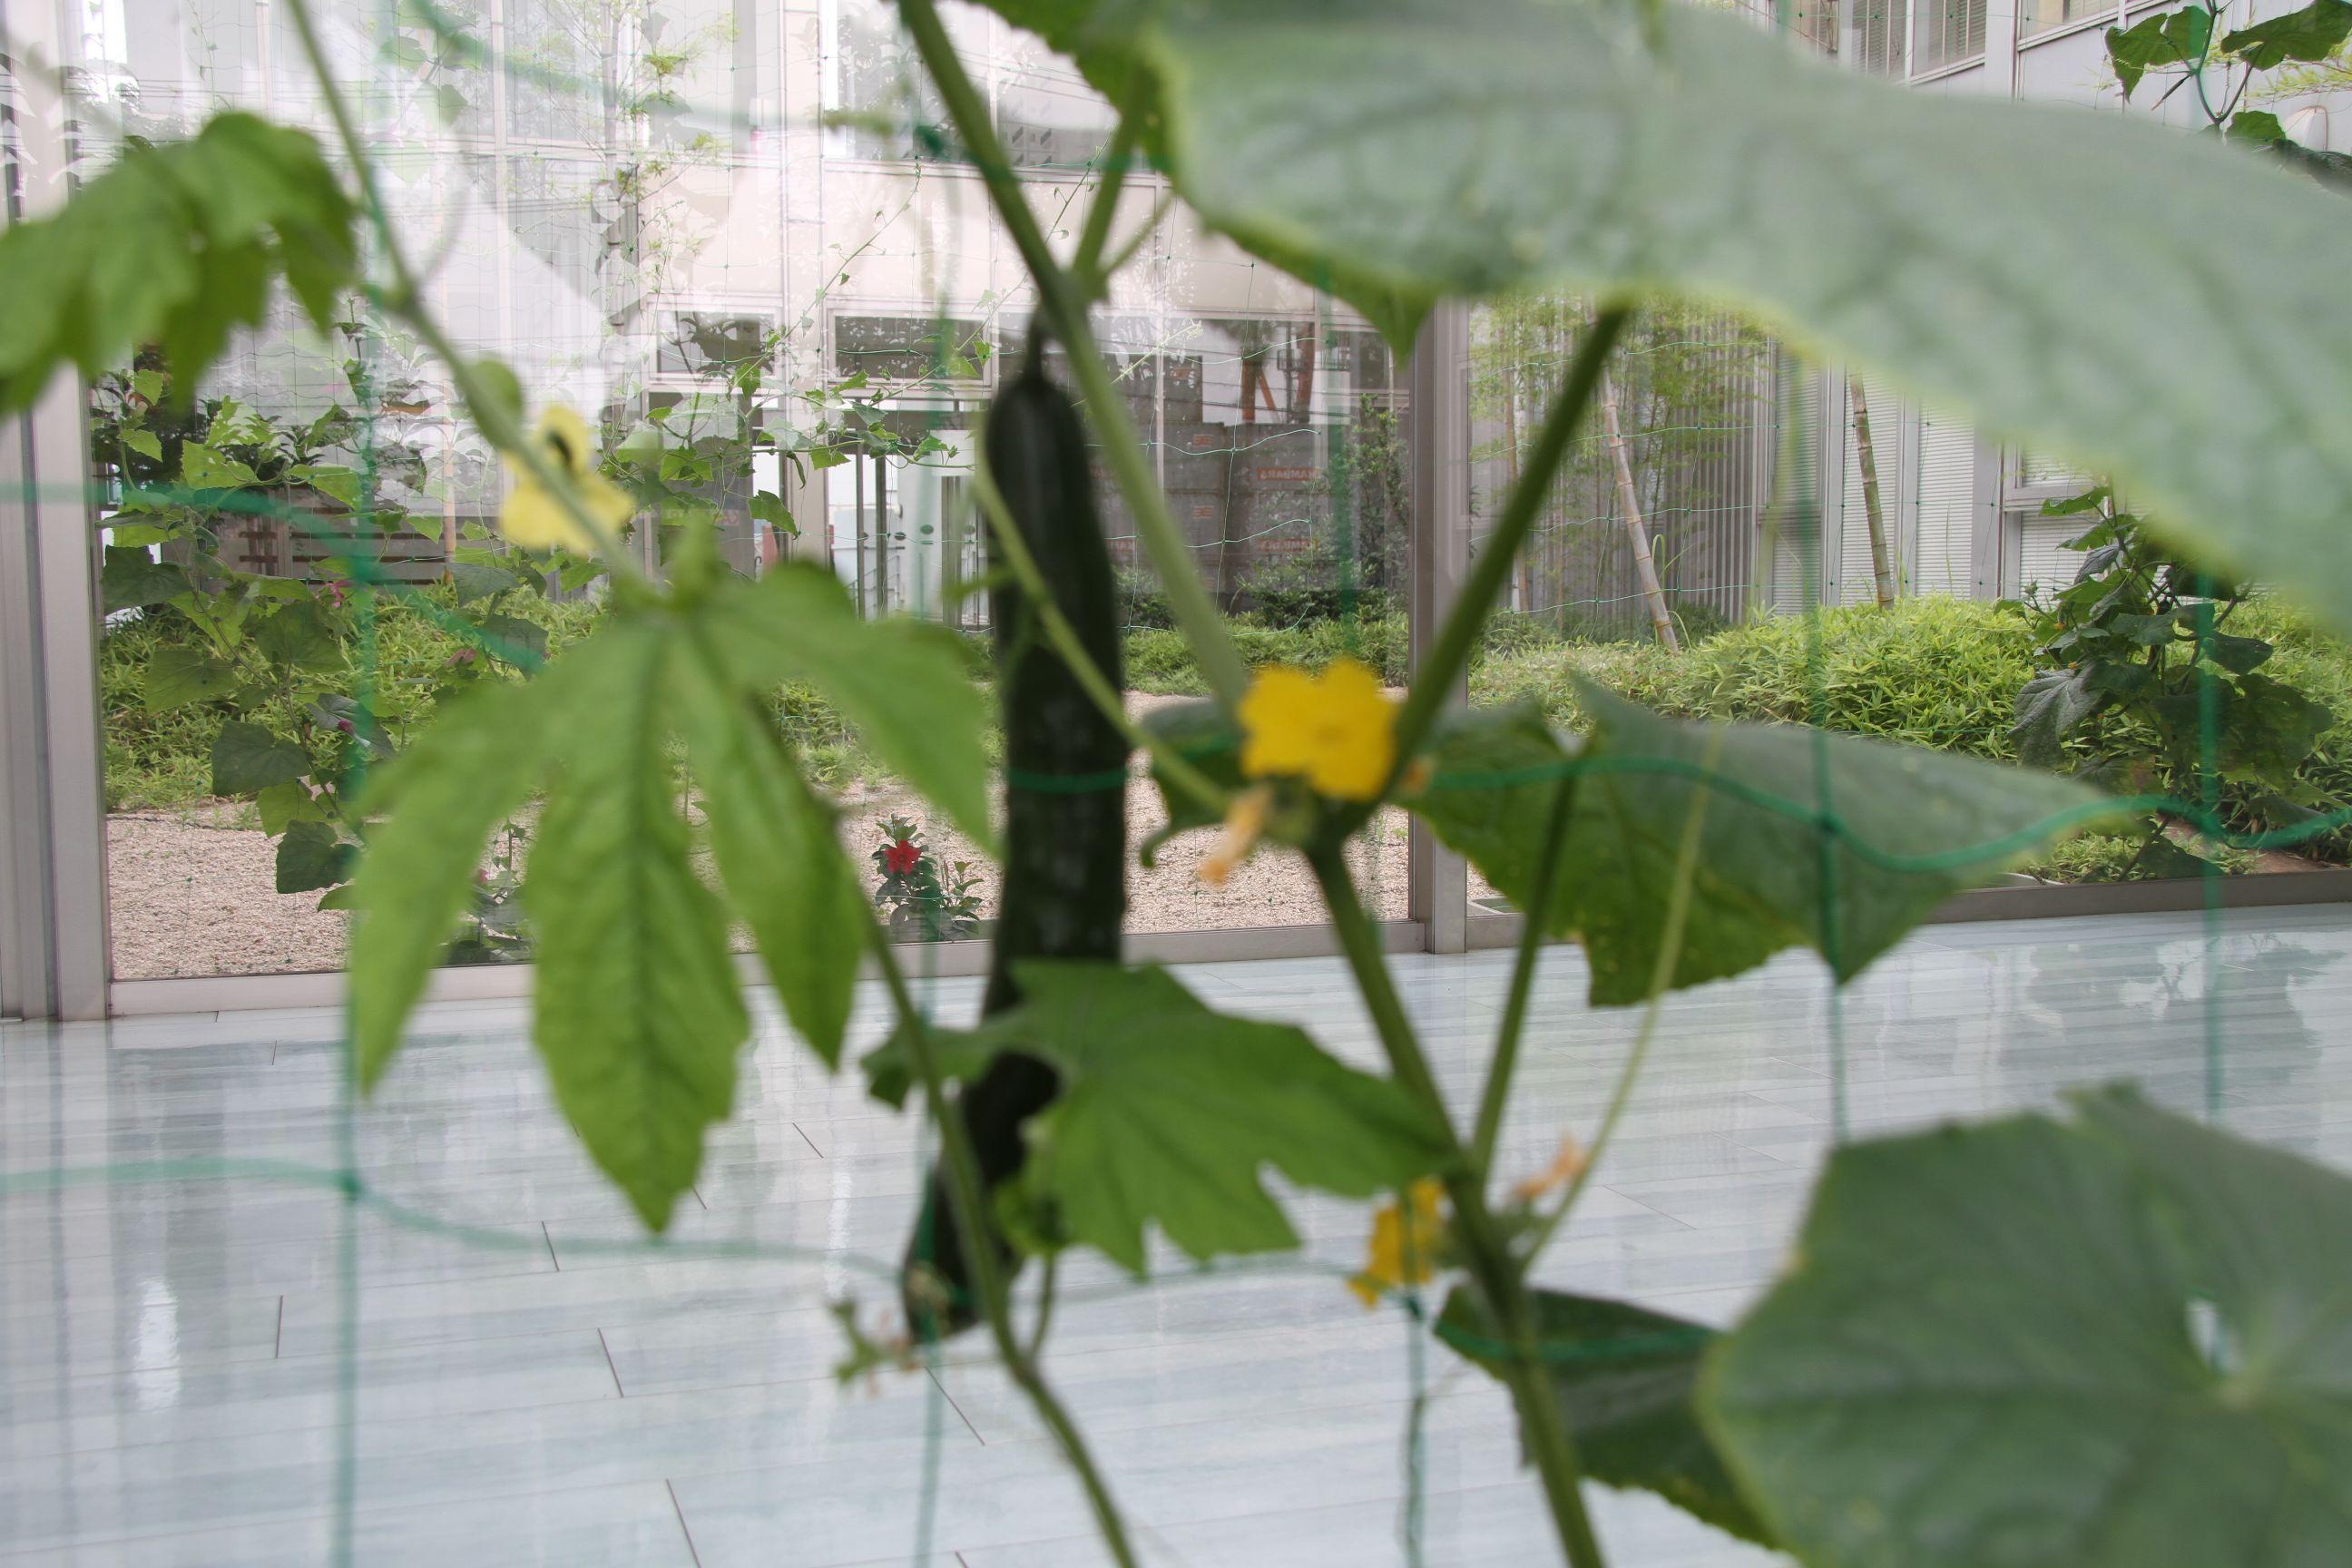 大きな葉をつけるきゅうりも成長中~緑のカーテン